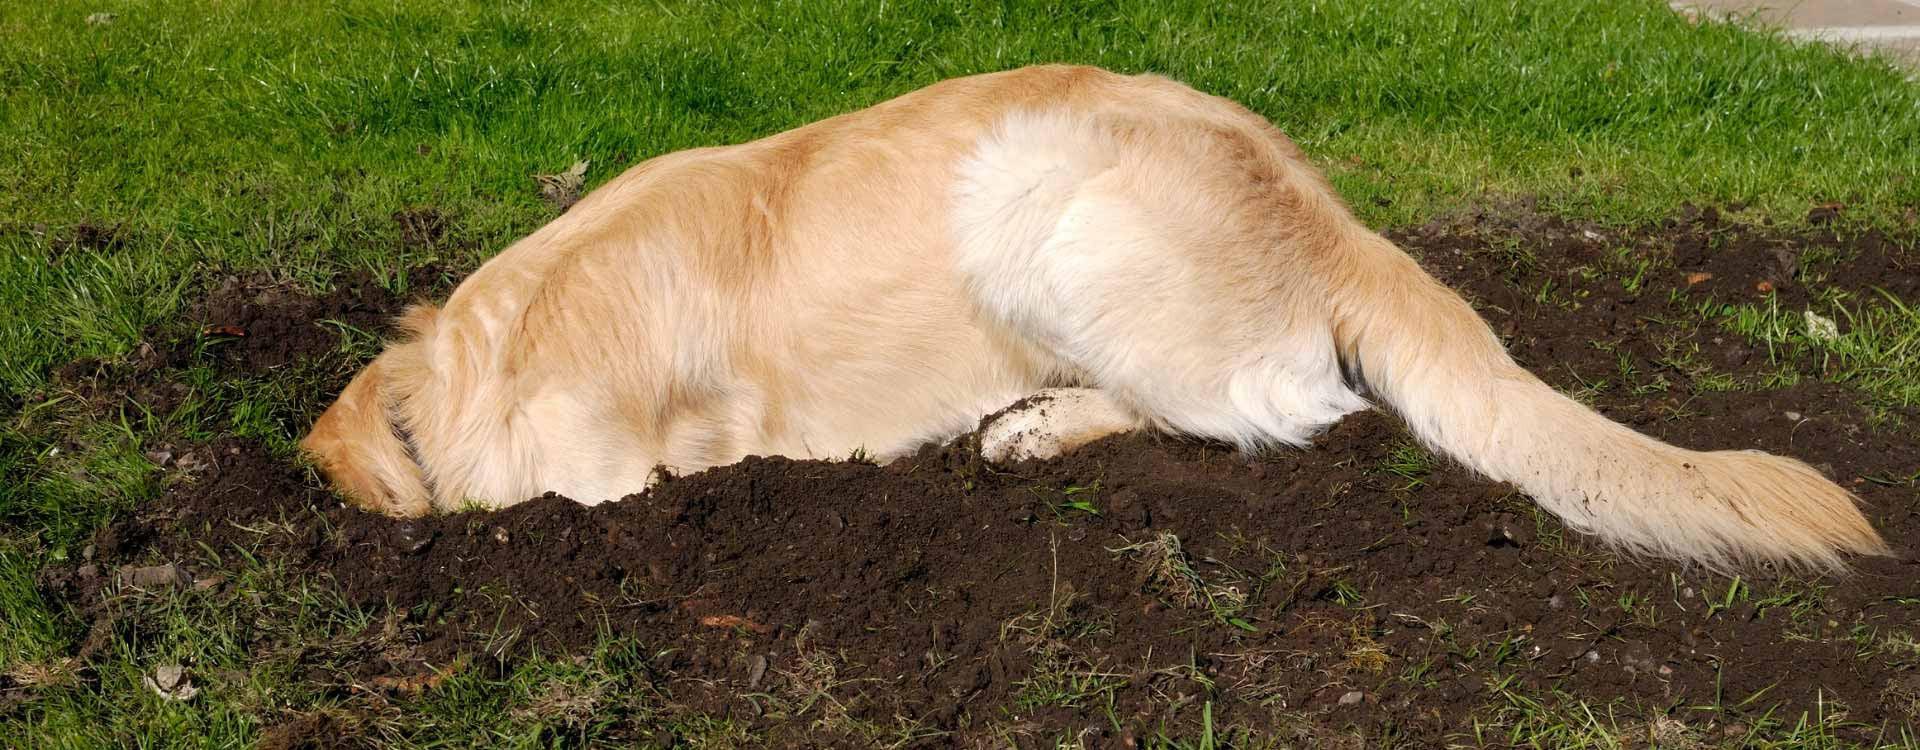 Mon chien creuse